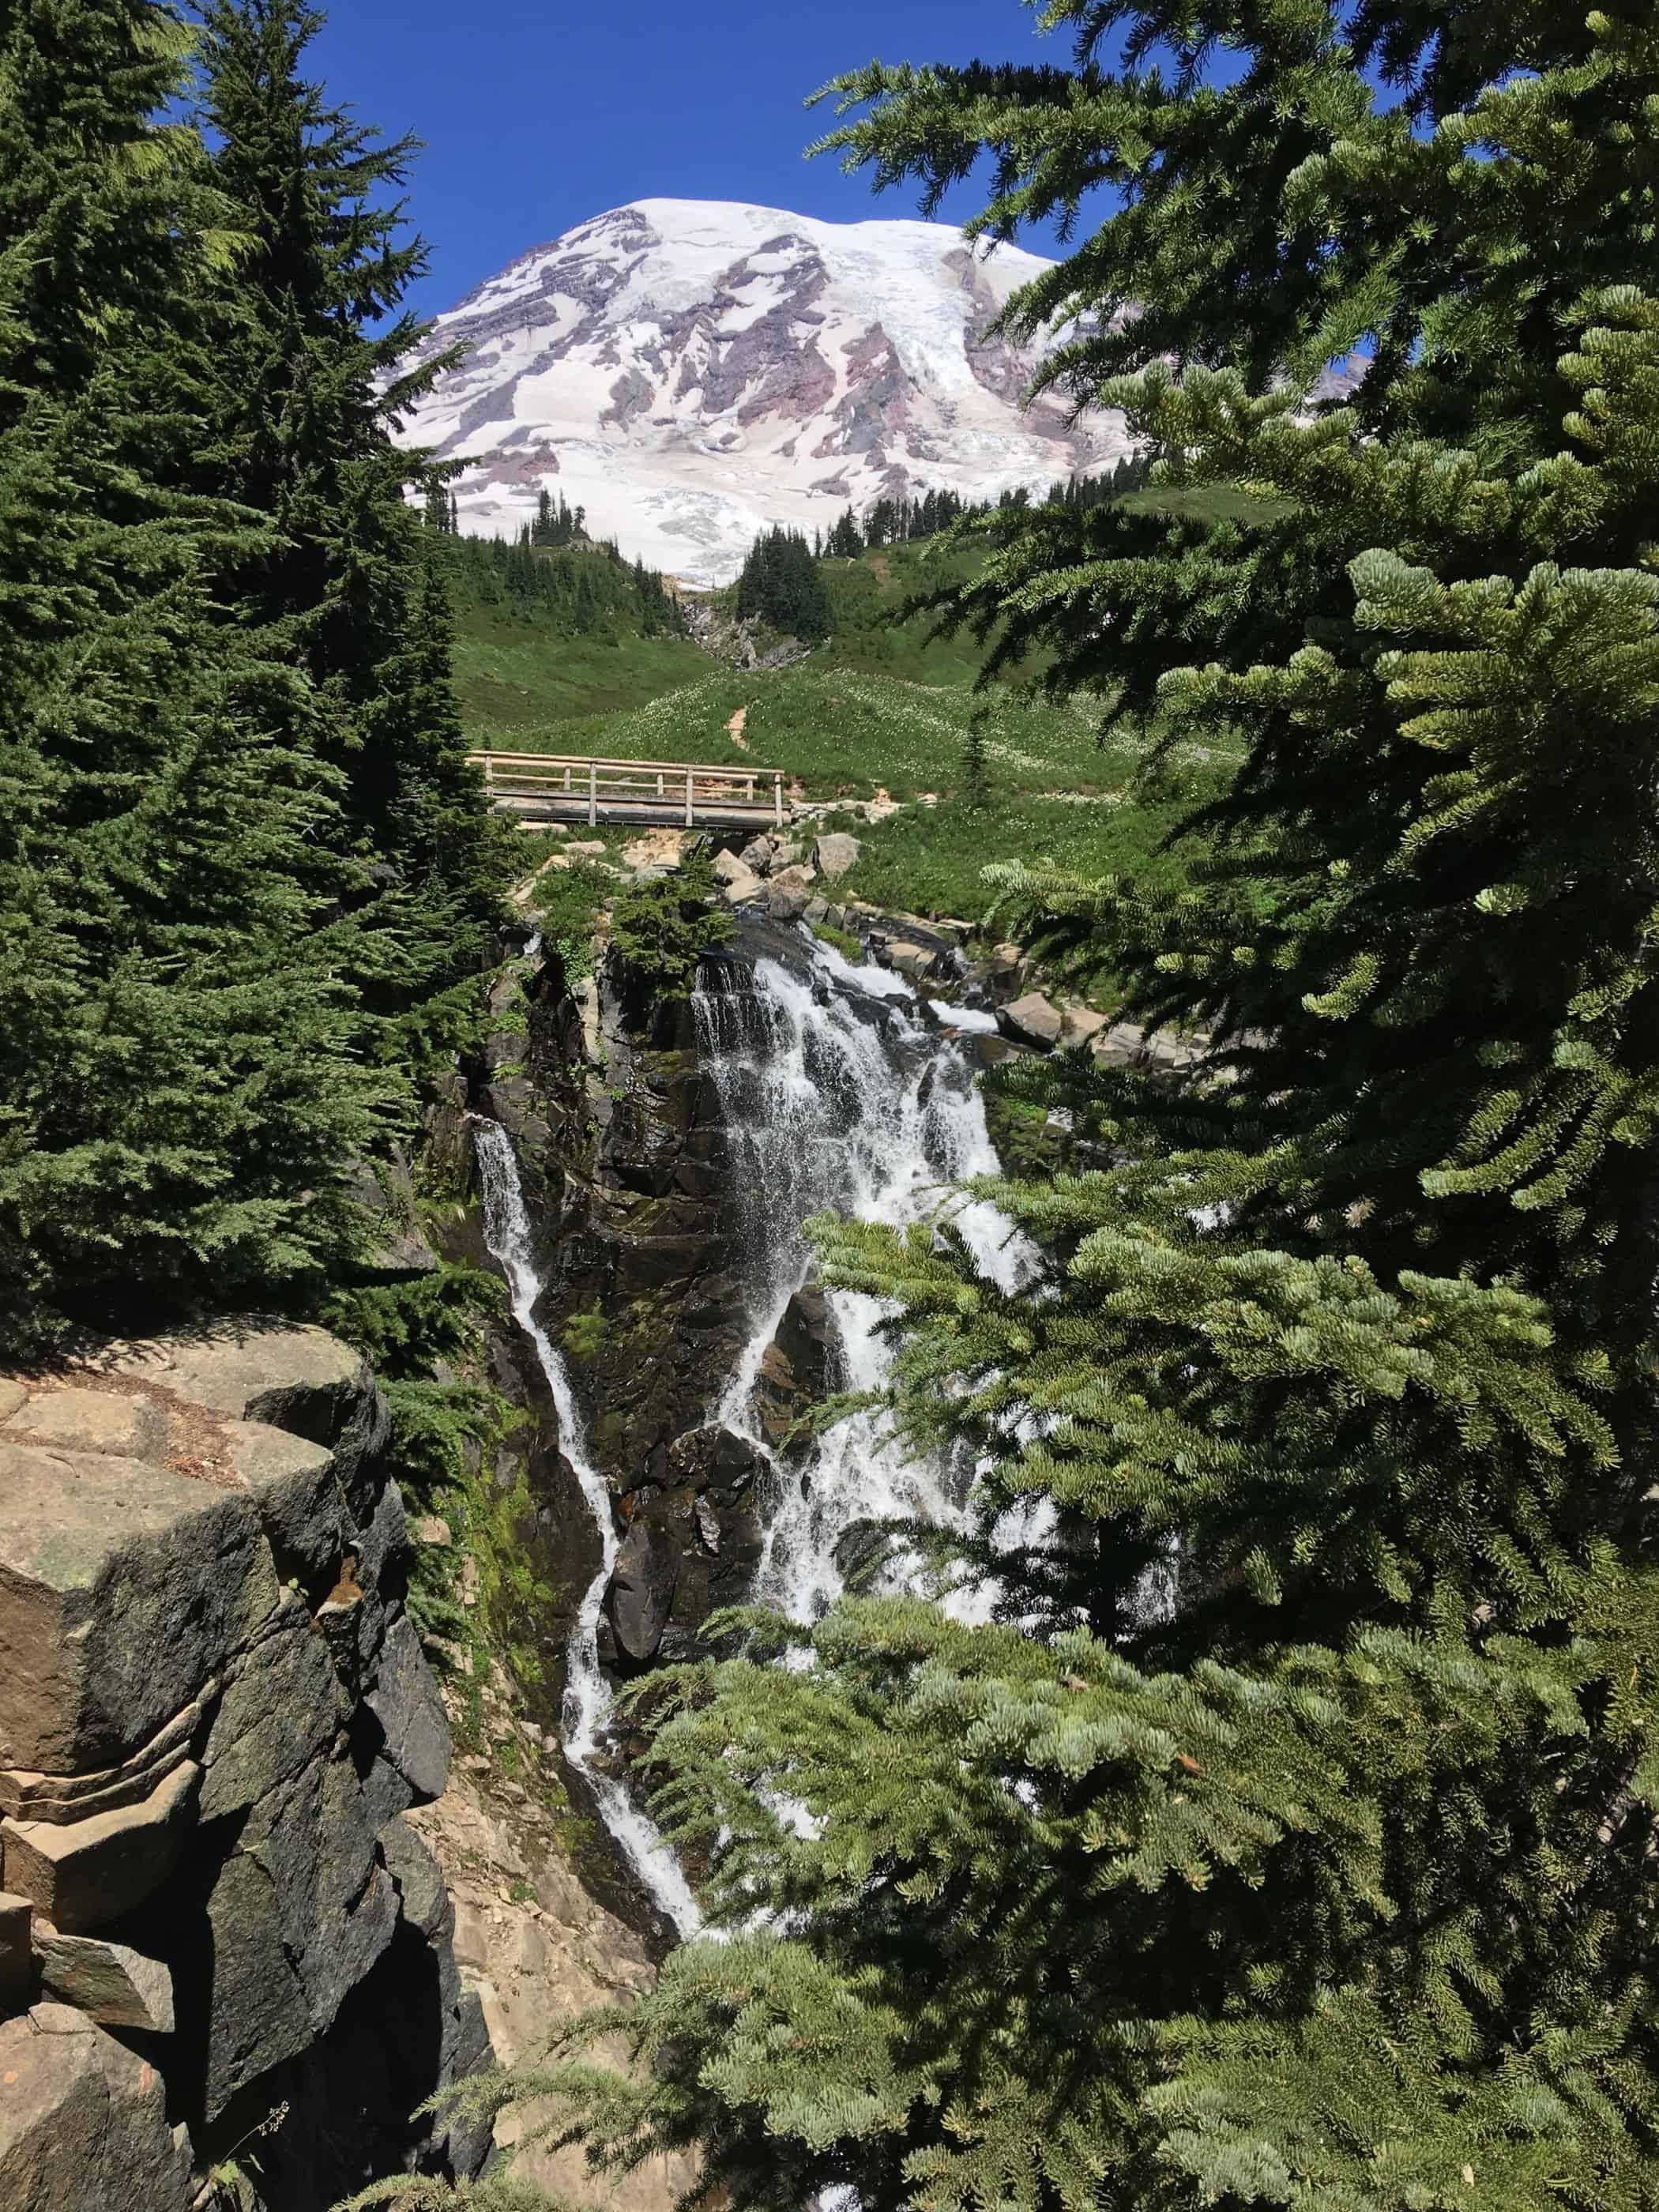 Mt Rainier Camping